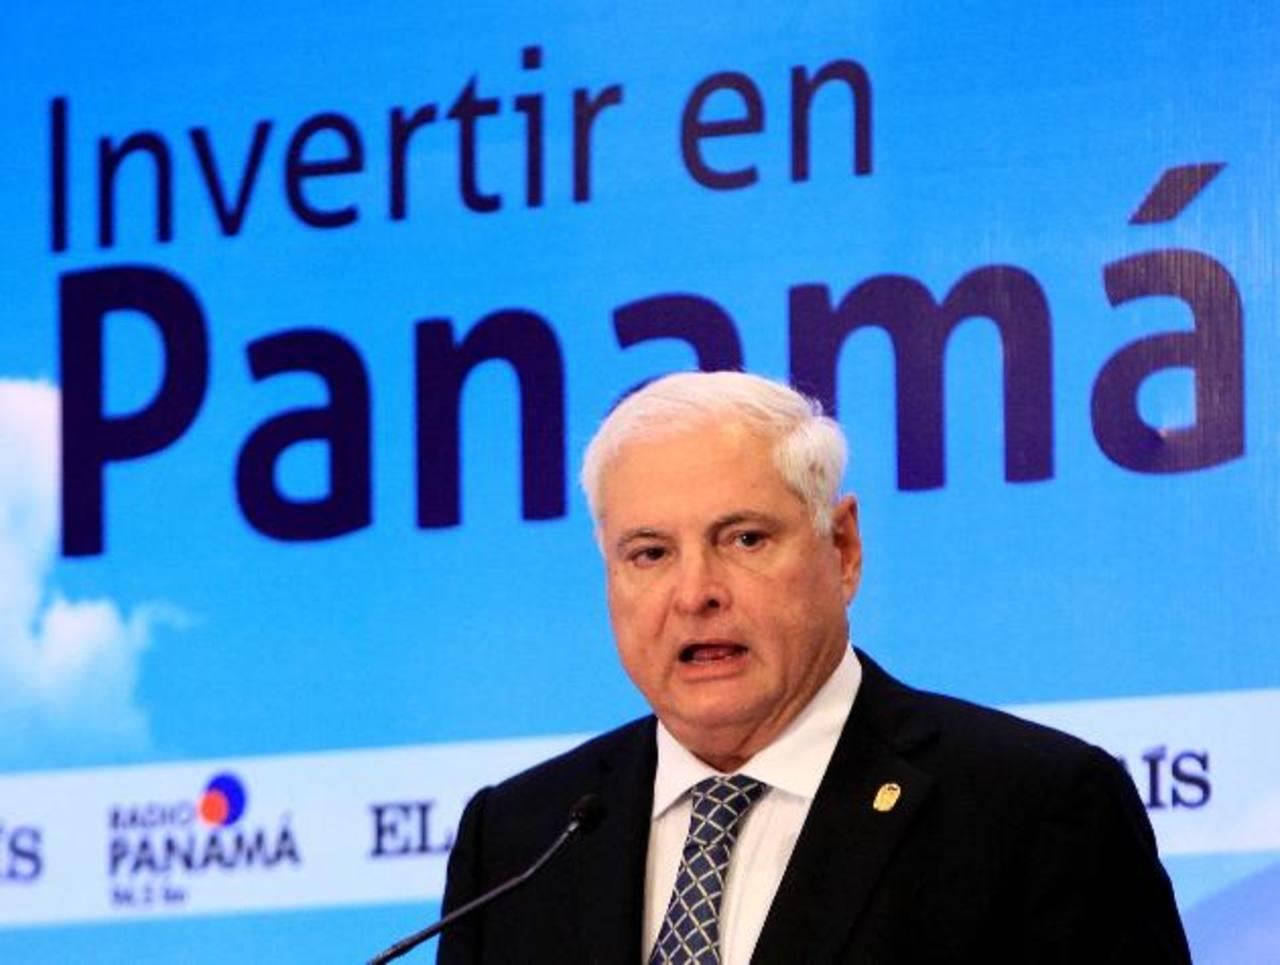 """Con un apoyo del 54 % de panameños, el presidente Ricardo Martinelli, termina gestión acusado de una """"perversa distribución de riqueza""""."""